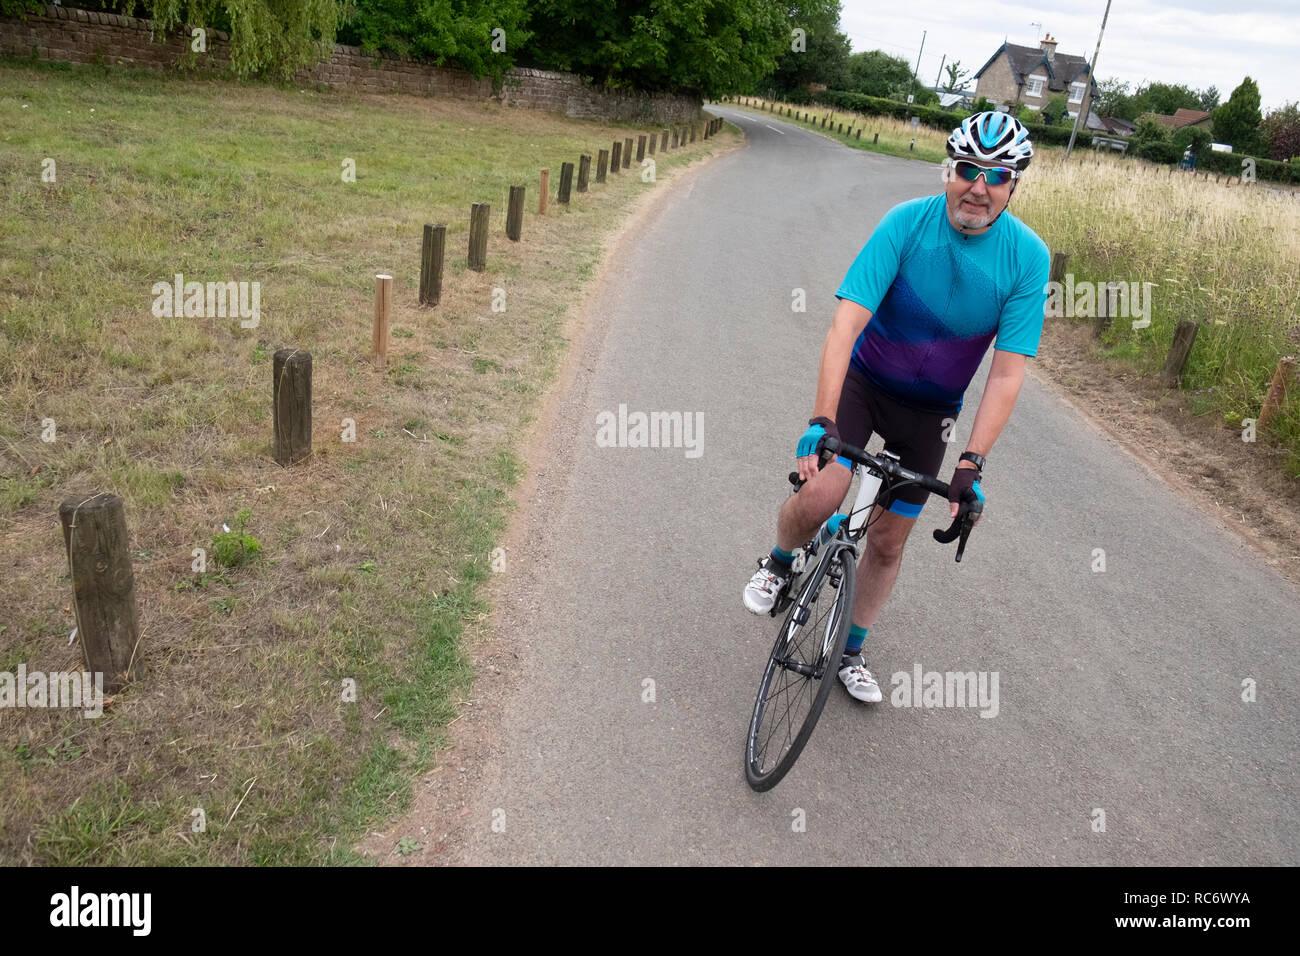 Un estilo de vida activo para ciclista senior, el mamil, un varón de mediana edad en lycra. Imagen De Stock